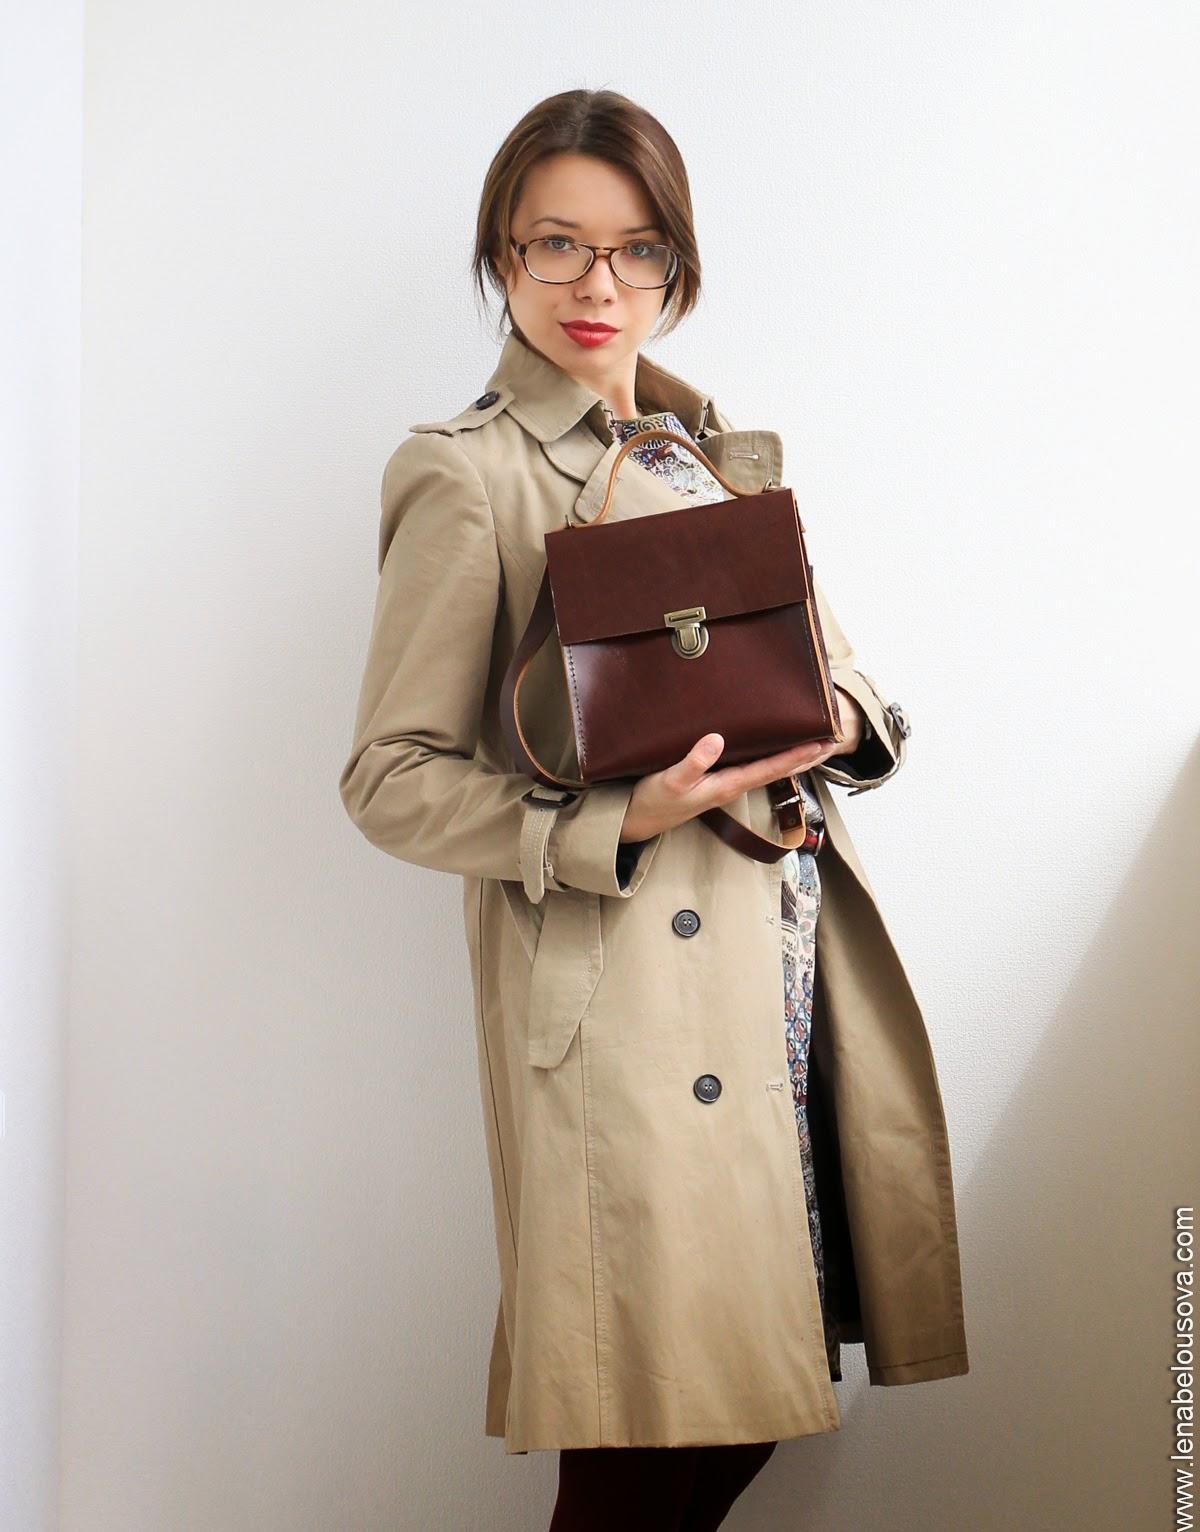 коричневый женский порфтель